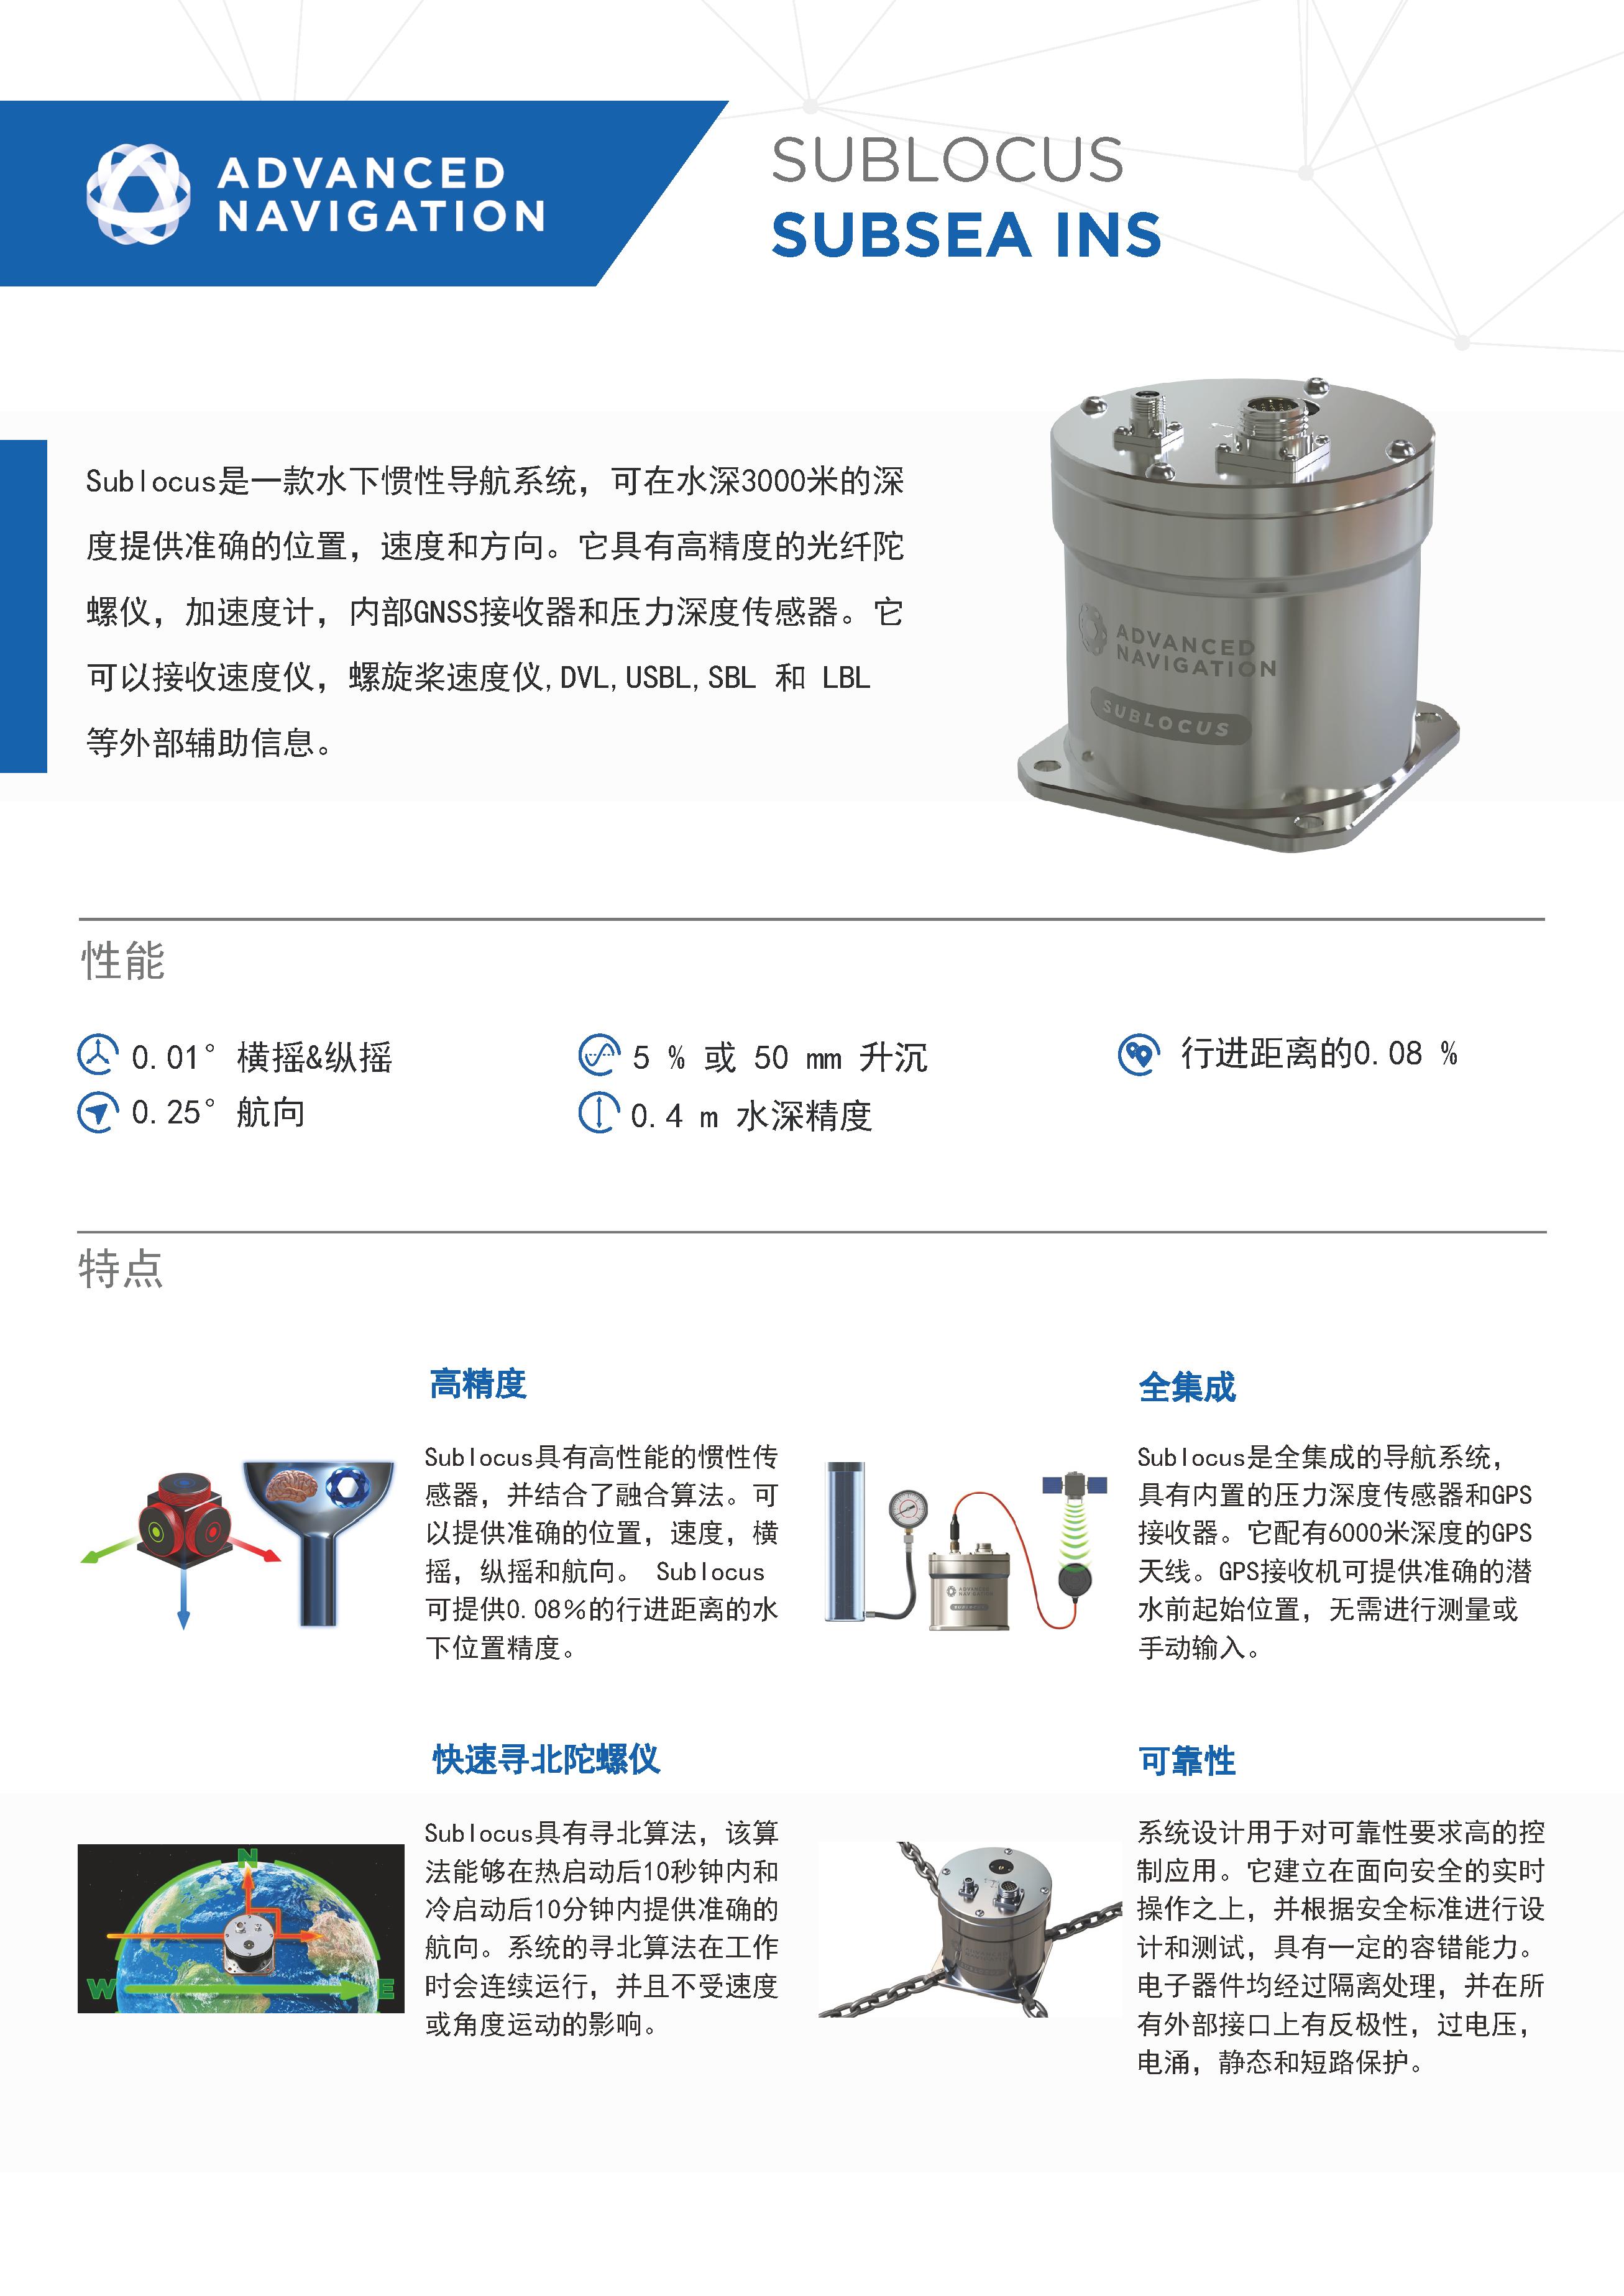 SUBLOCUS水下光纤惯性导航系统